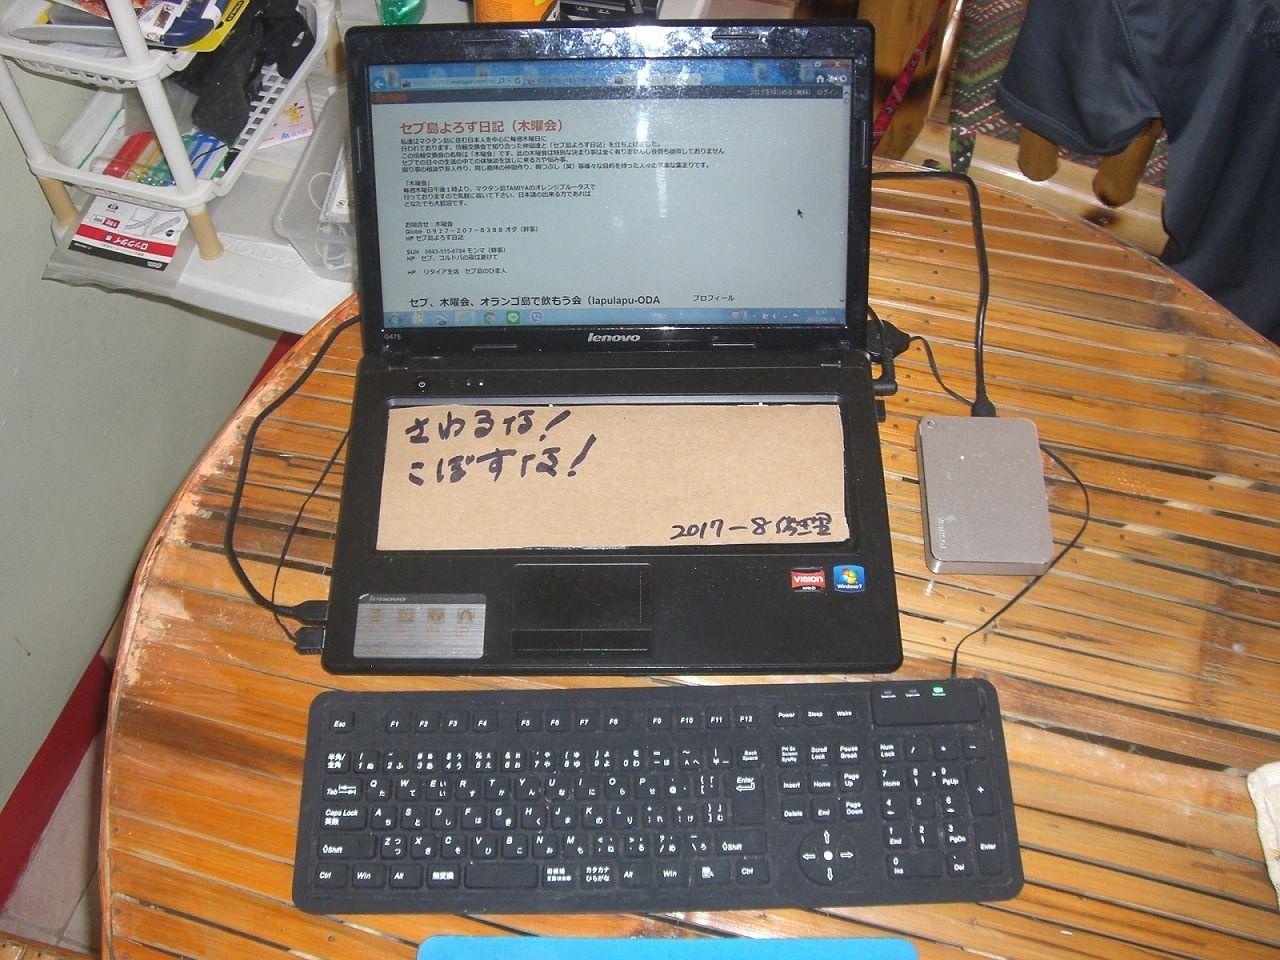 ノート パソコン キーボード 外 付け